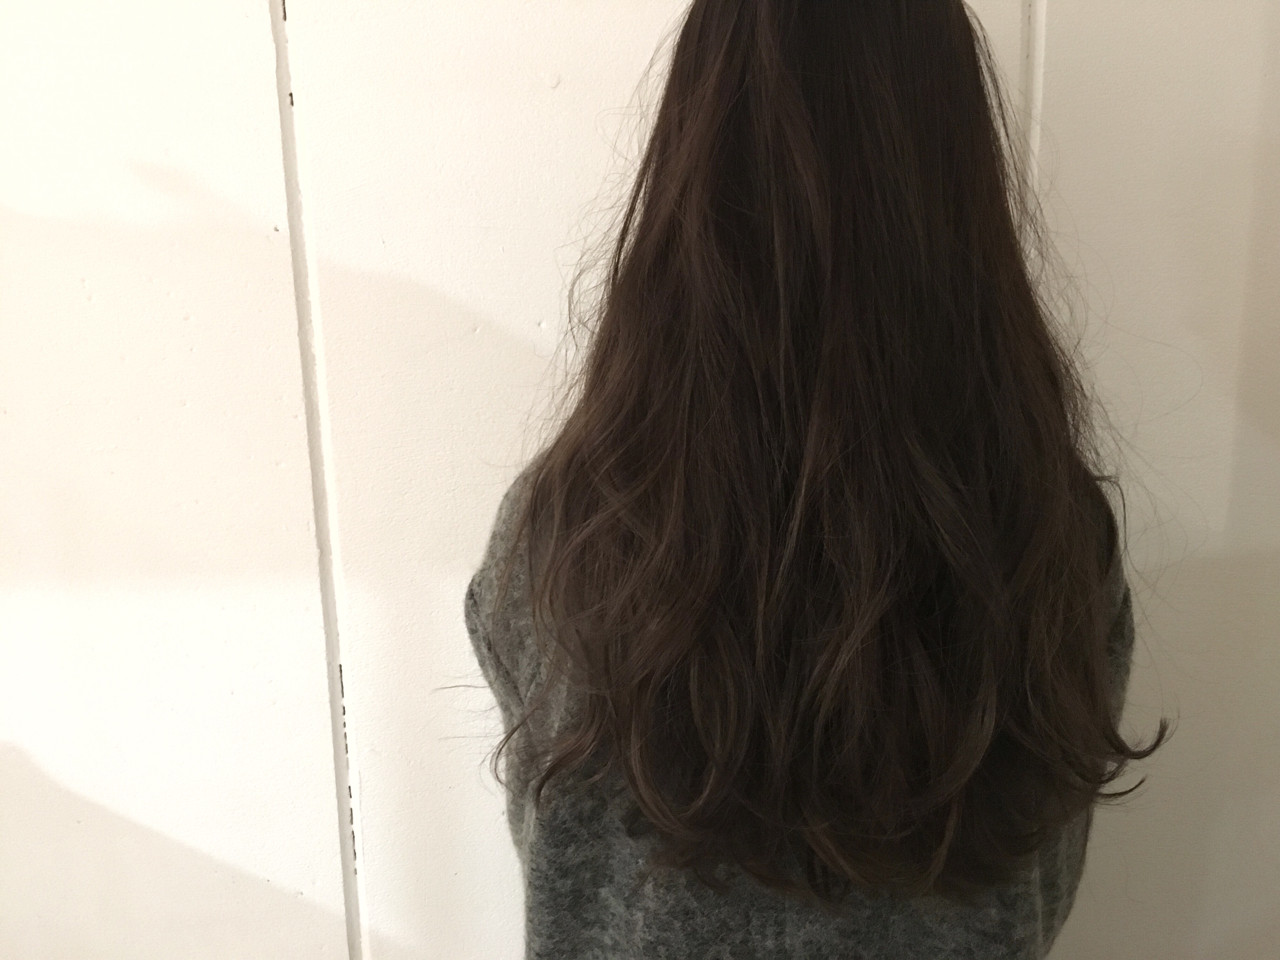 暗髪 ハイライト 外国人風 ロング ヘアスタイルや髪型の写真・画像 | 杉谷 将也 / DiLL / DiLL